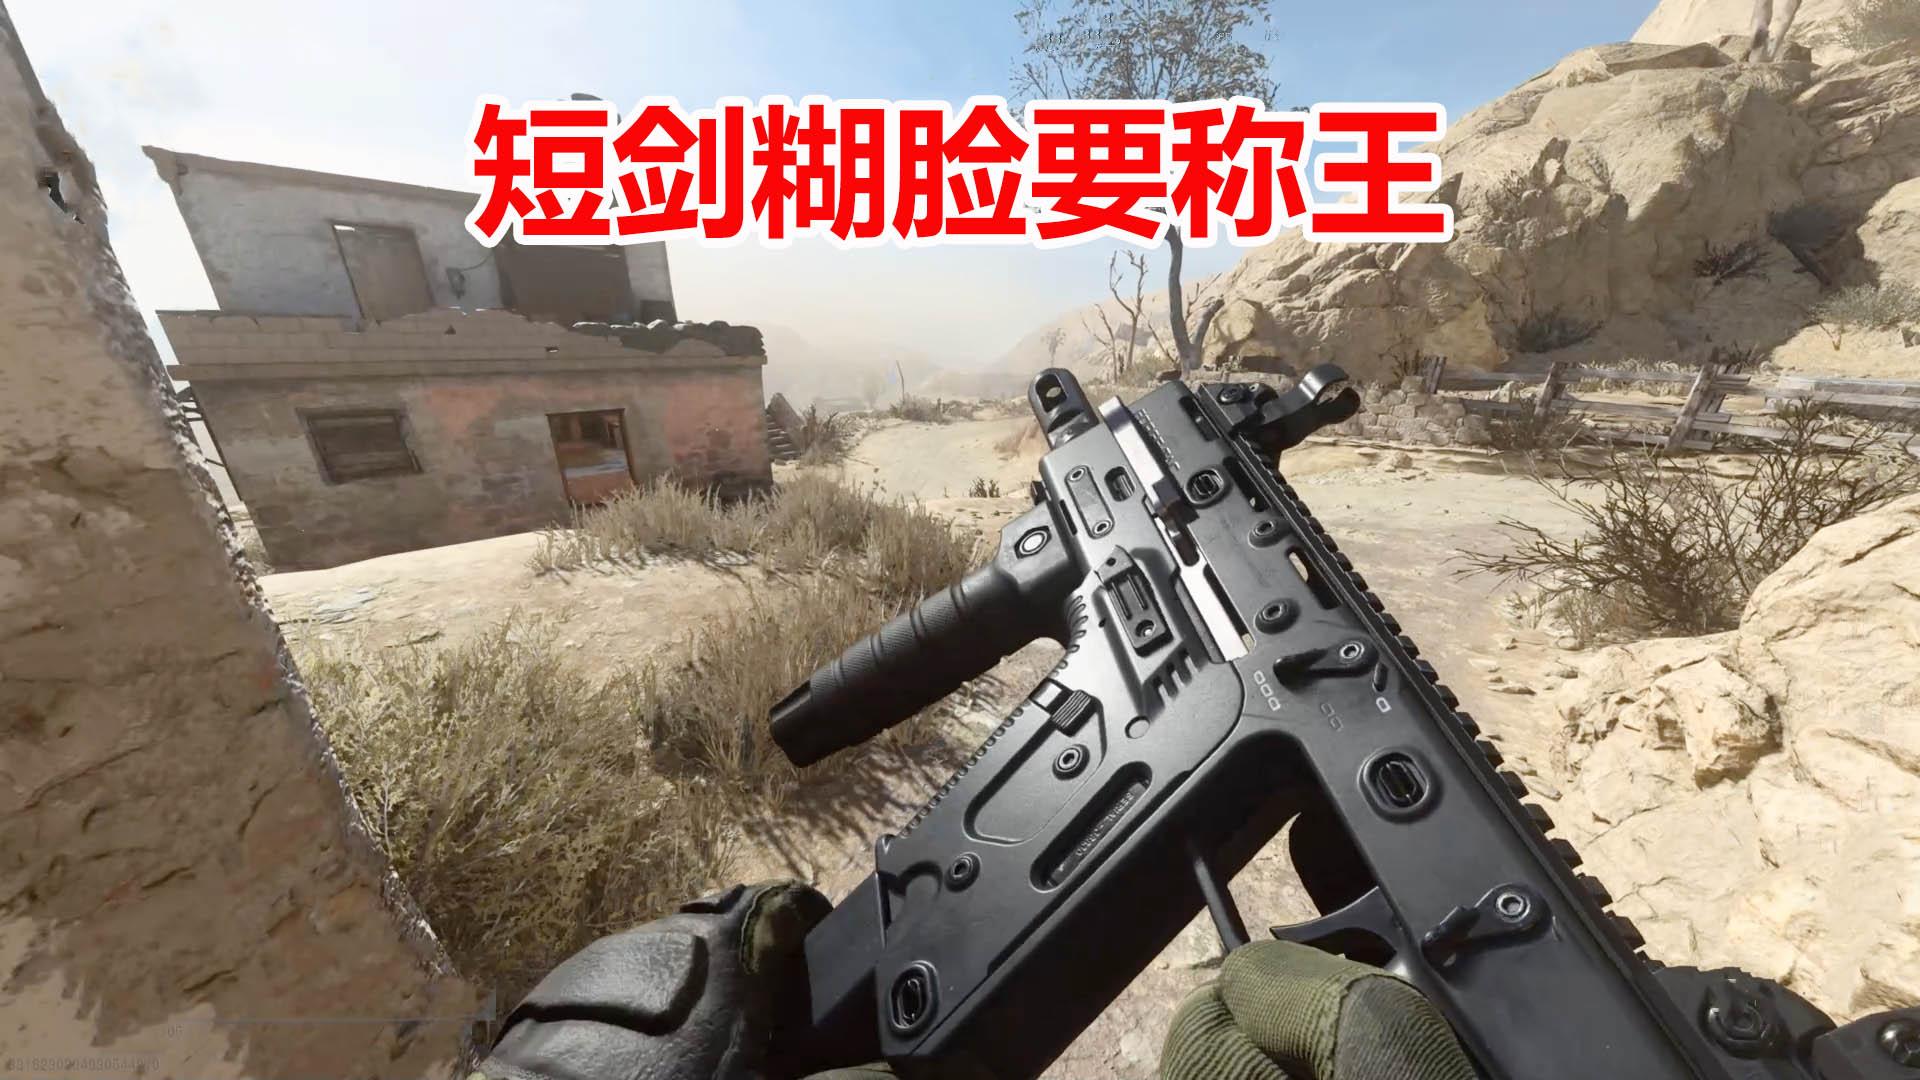 使命召唤16:要问冲锋枪哪家强?短剑糊脸要称王